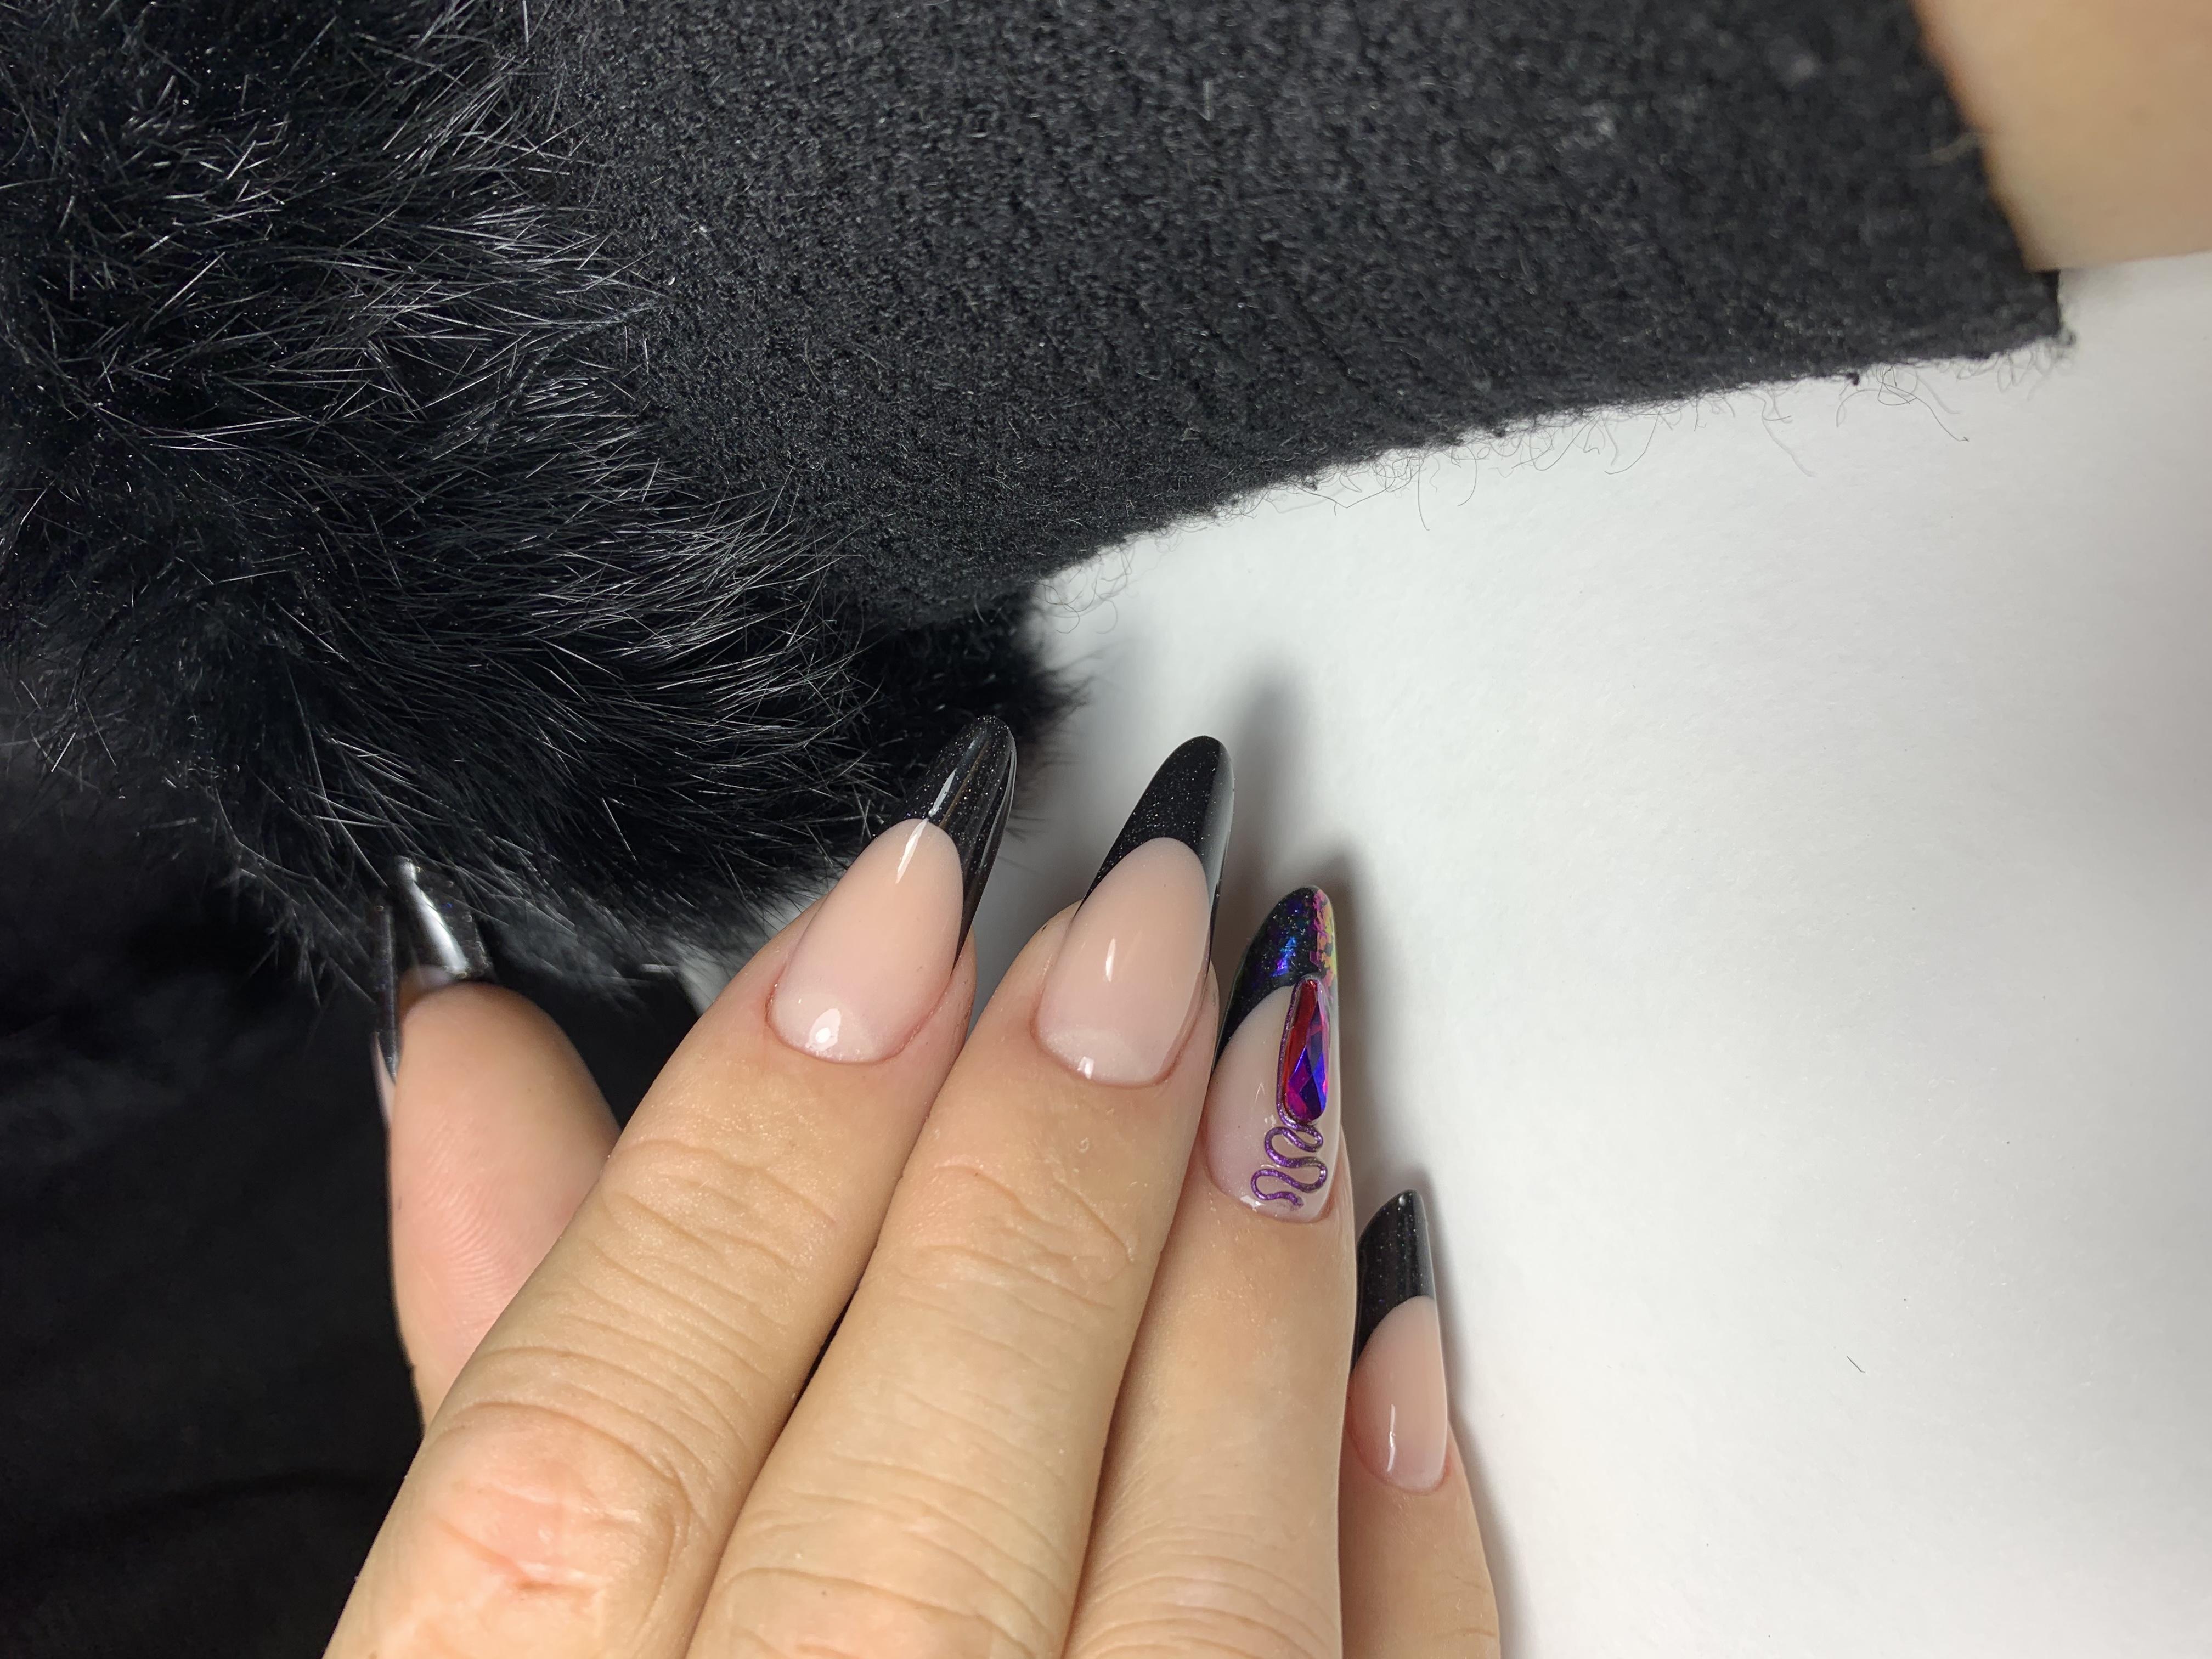 Французский маникюр в чёрном цвете с фиолетовыми блёстками и стразами.